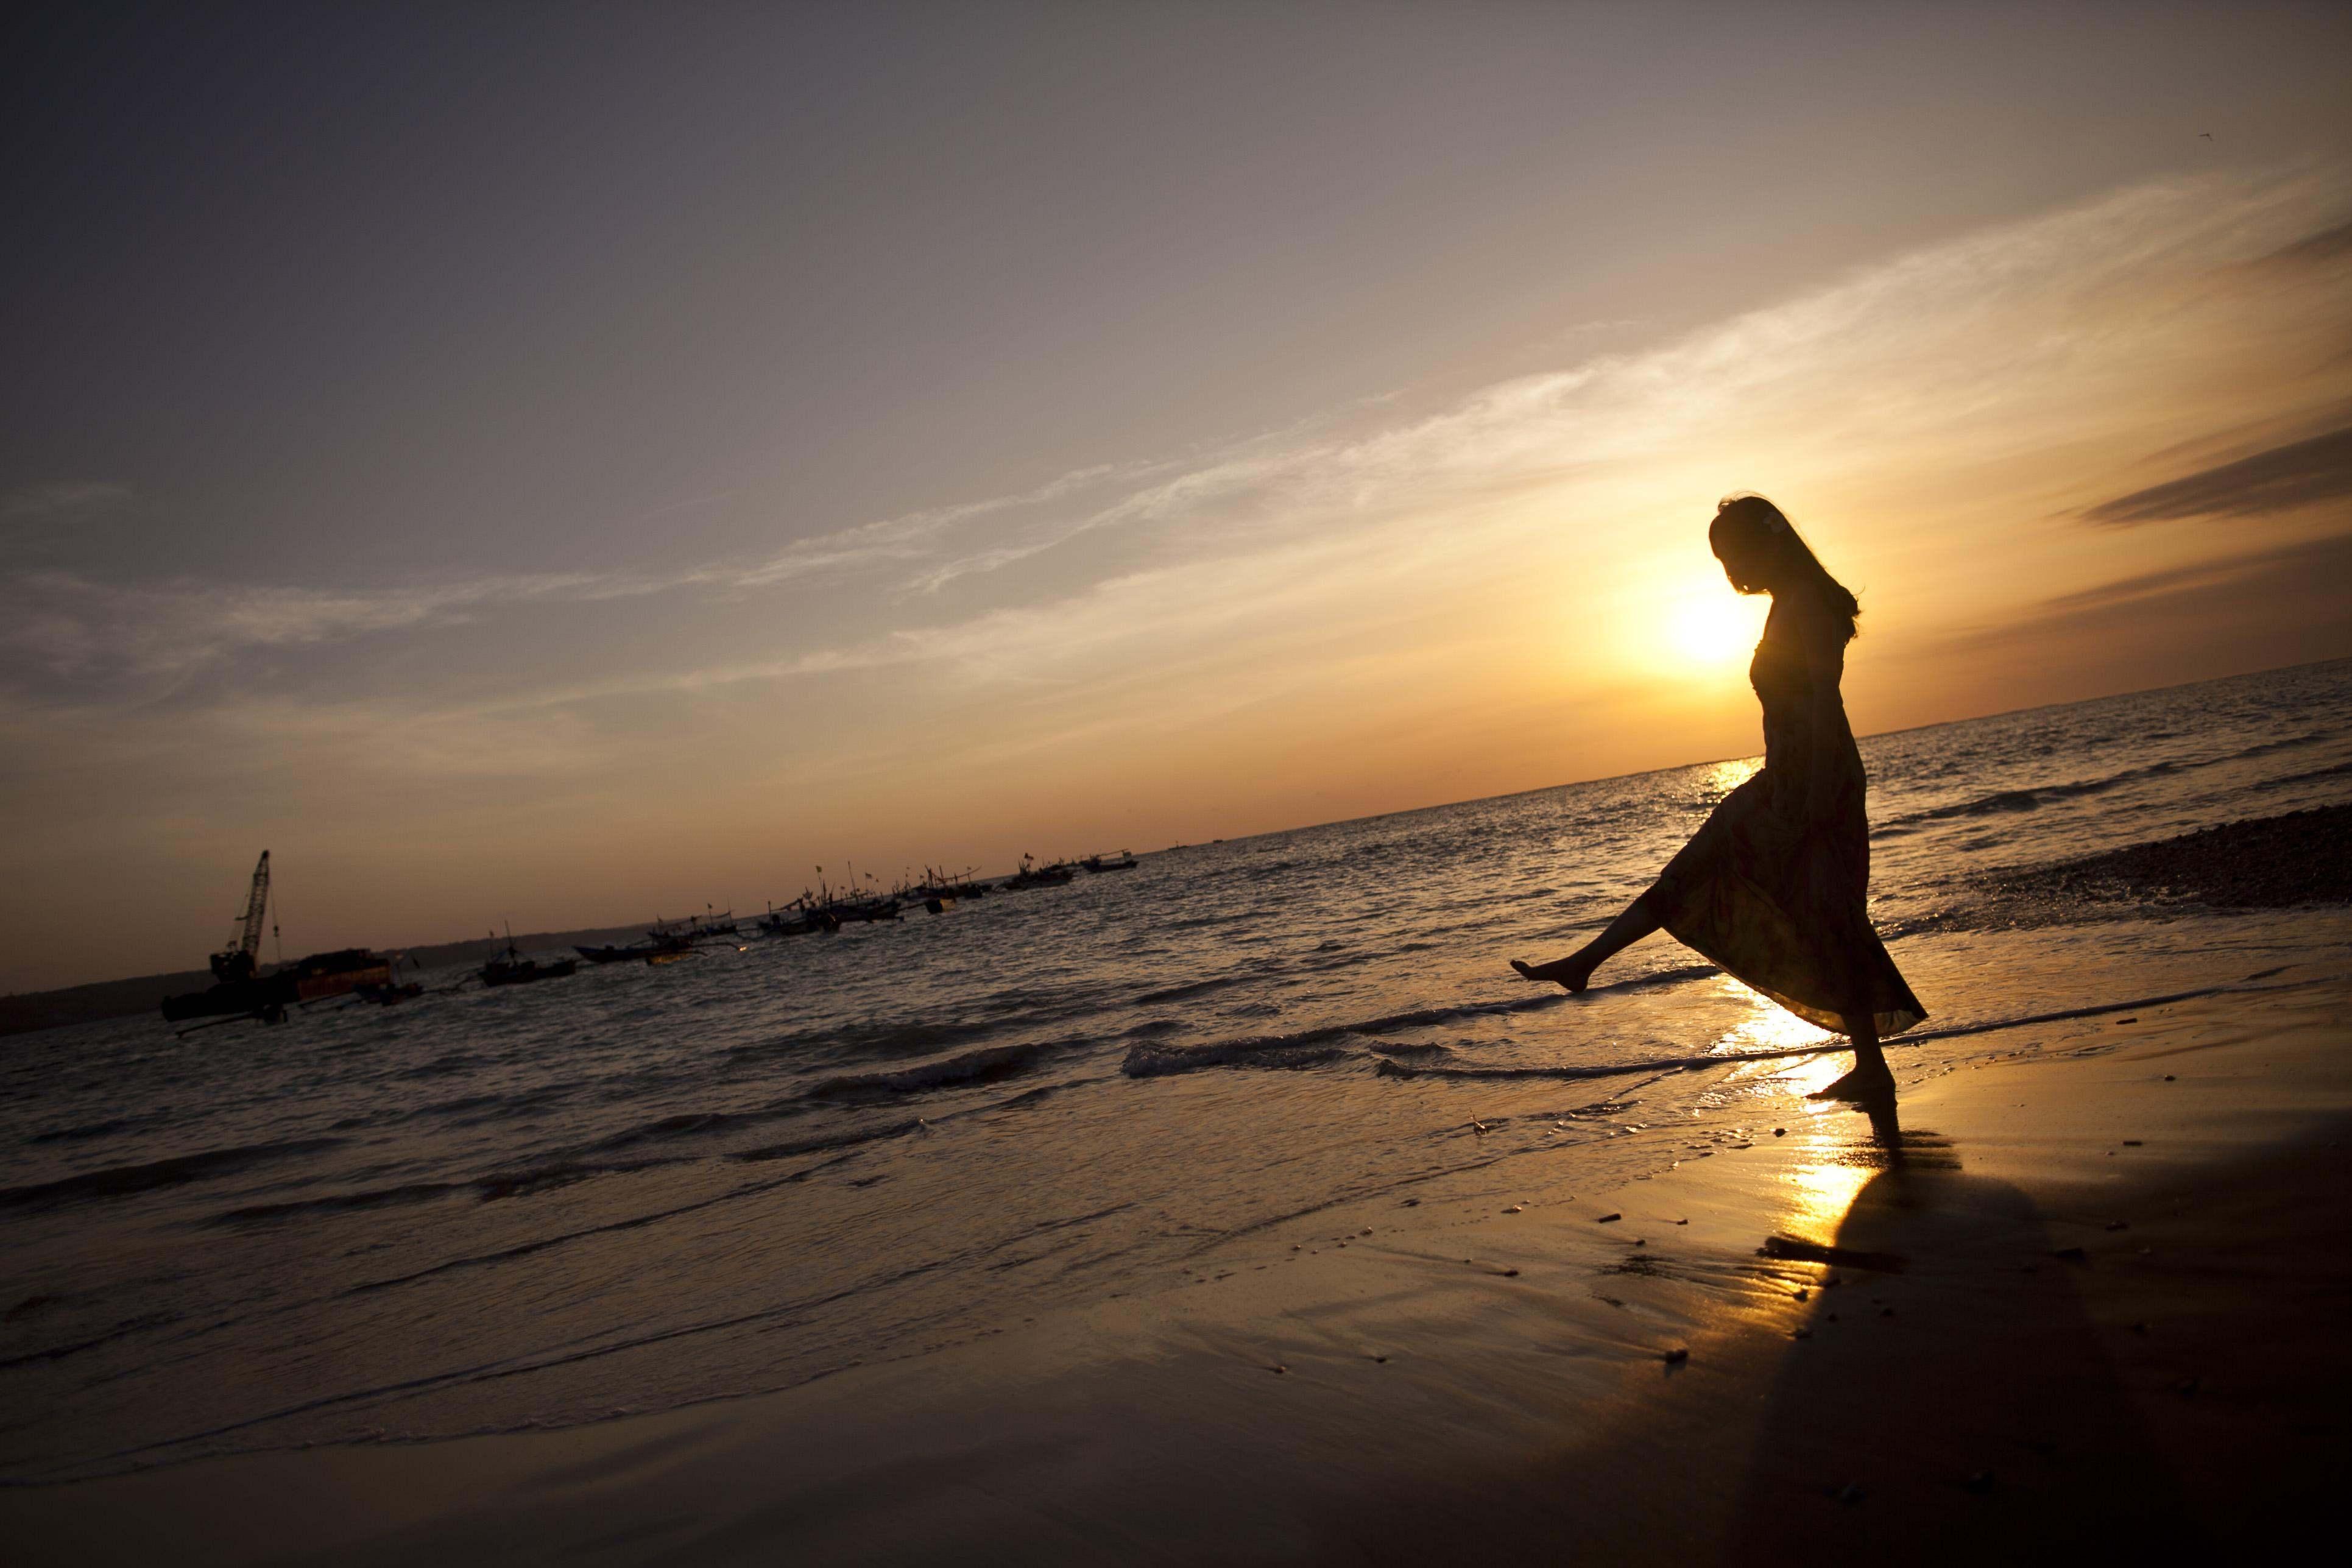 端午小长假-金色沙滩碧海蓝天,翡翠岛完美邂逅